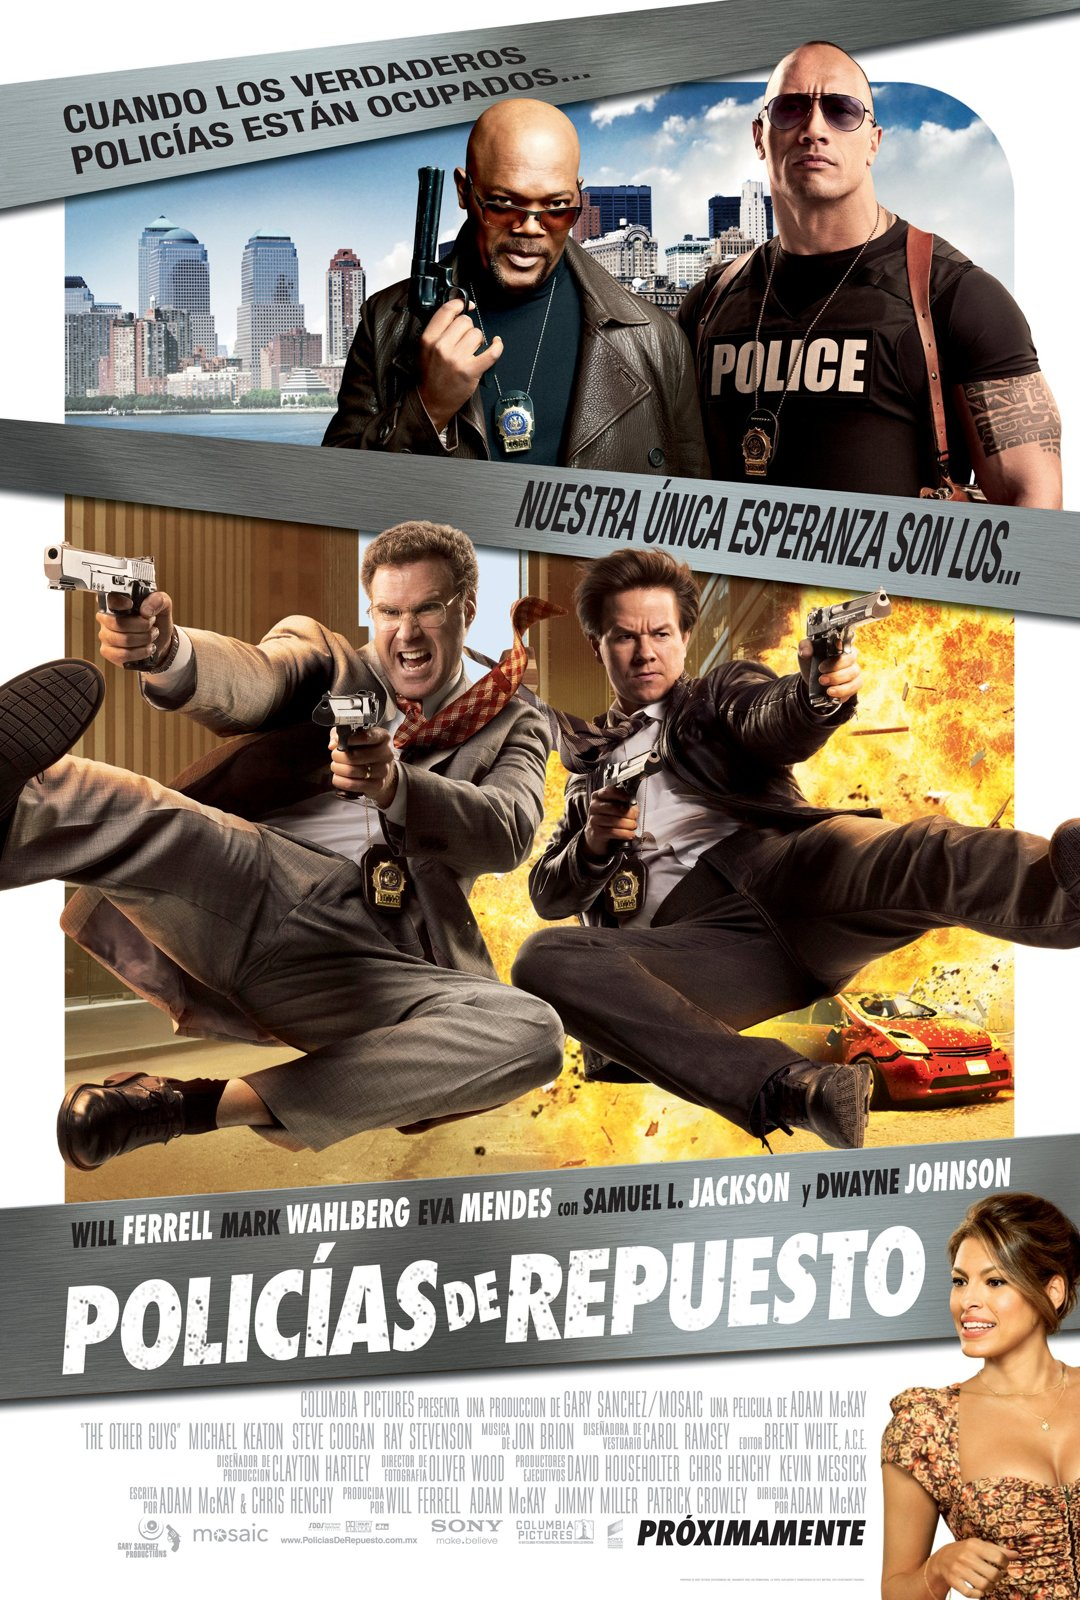 http://3.bp.blogspot.com/_OTq6s1gvQgI/TPXb75mw2vI/AAAAAAAAAsU/fCJ8rzOvSkA/s1600/Policias%2BDe%2BRepuesto.jpg